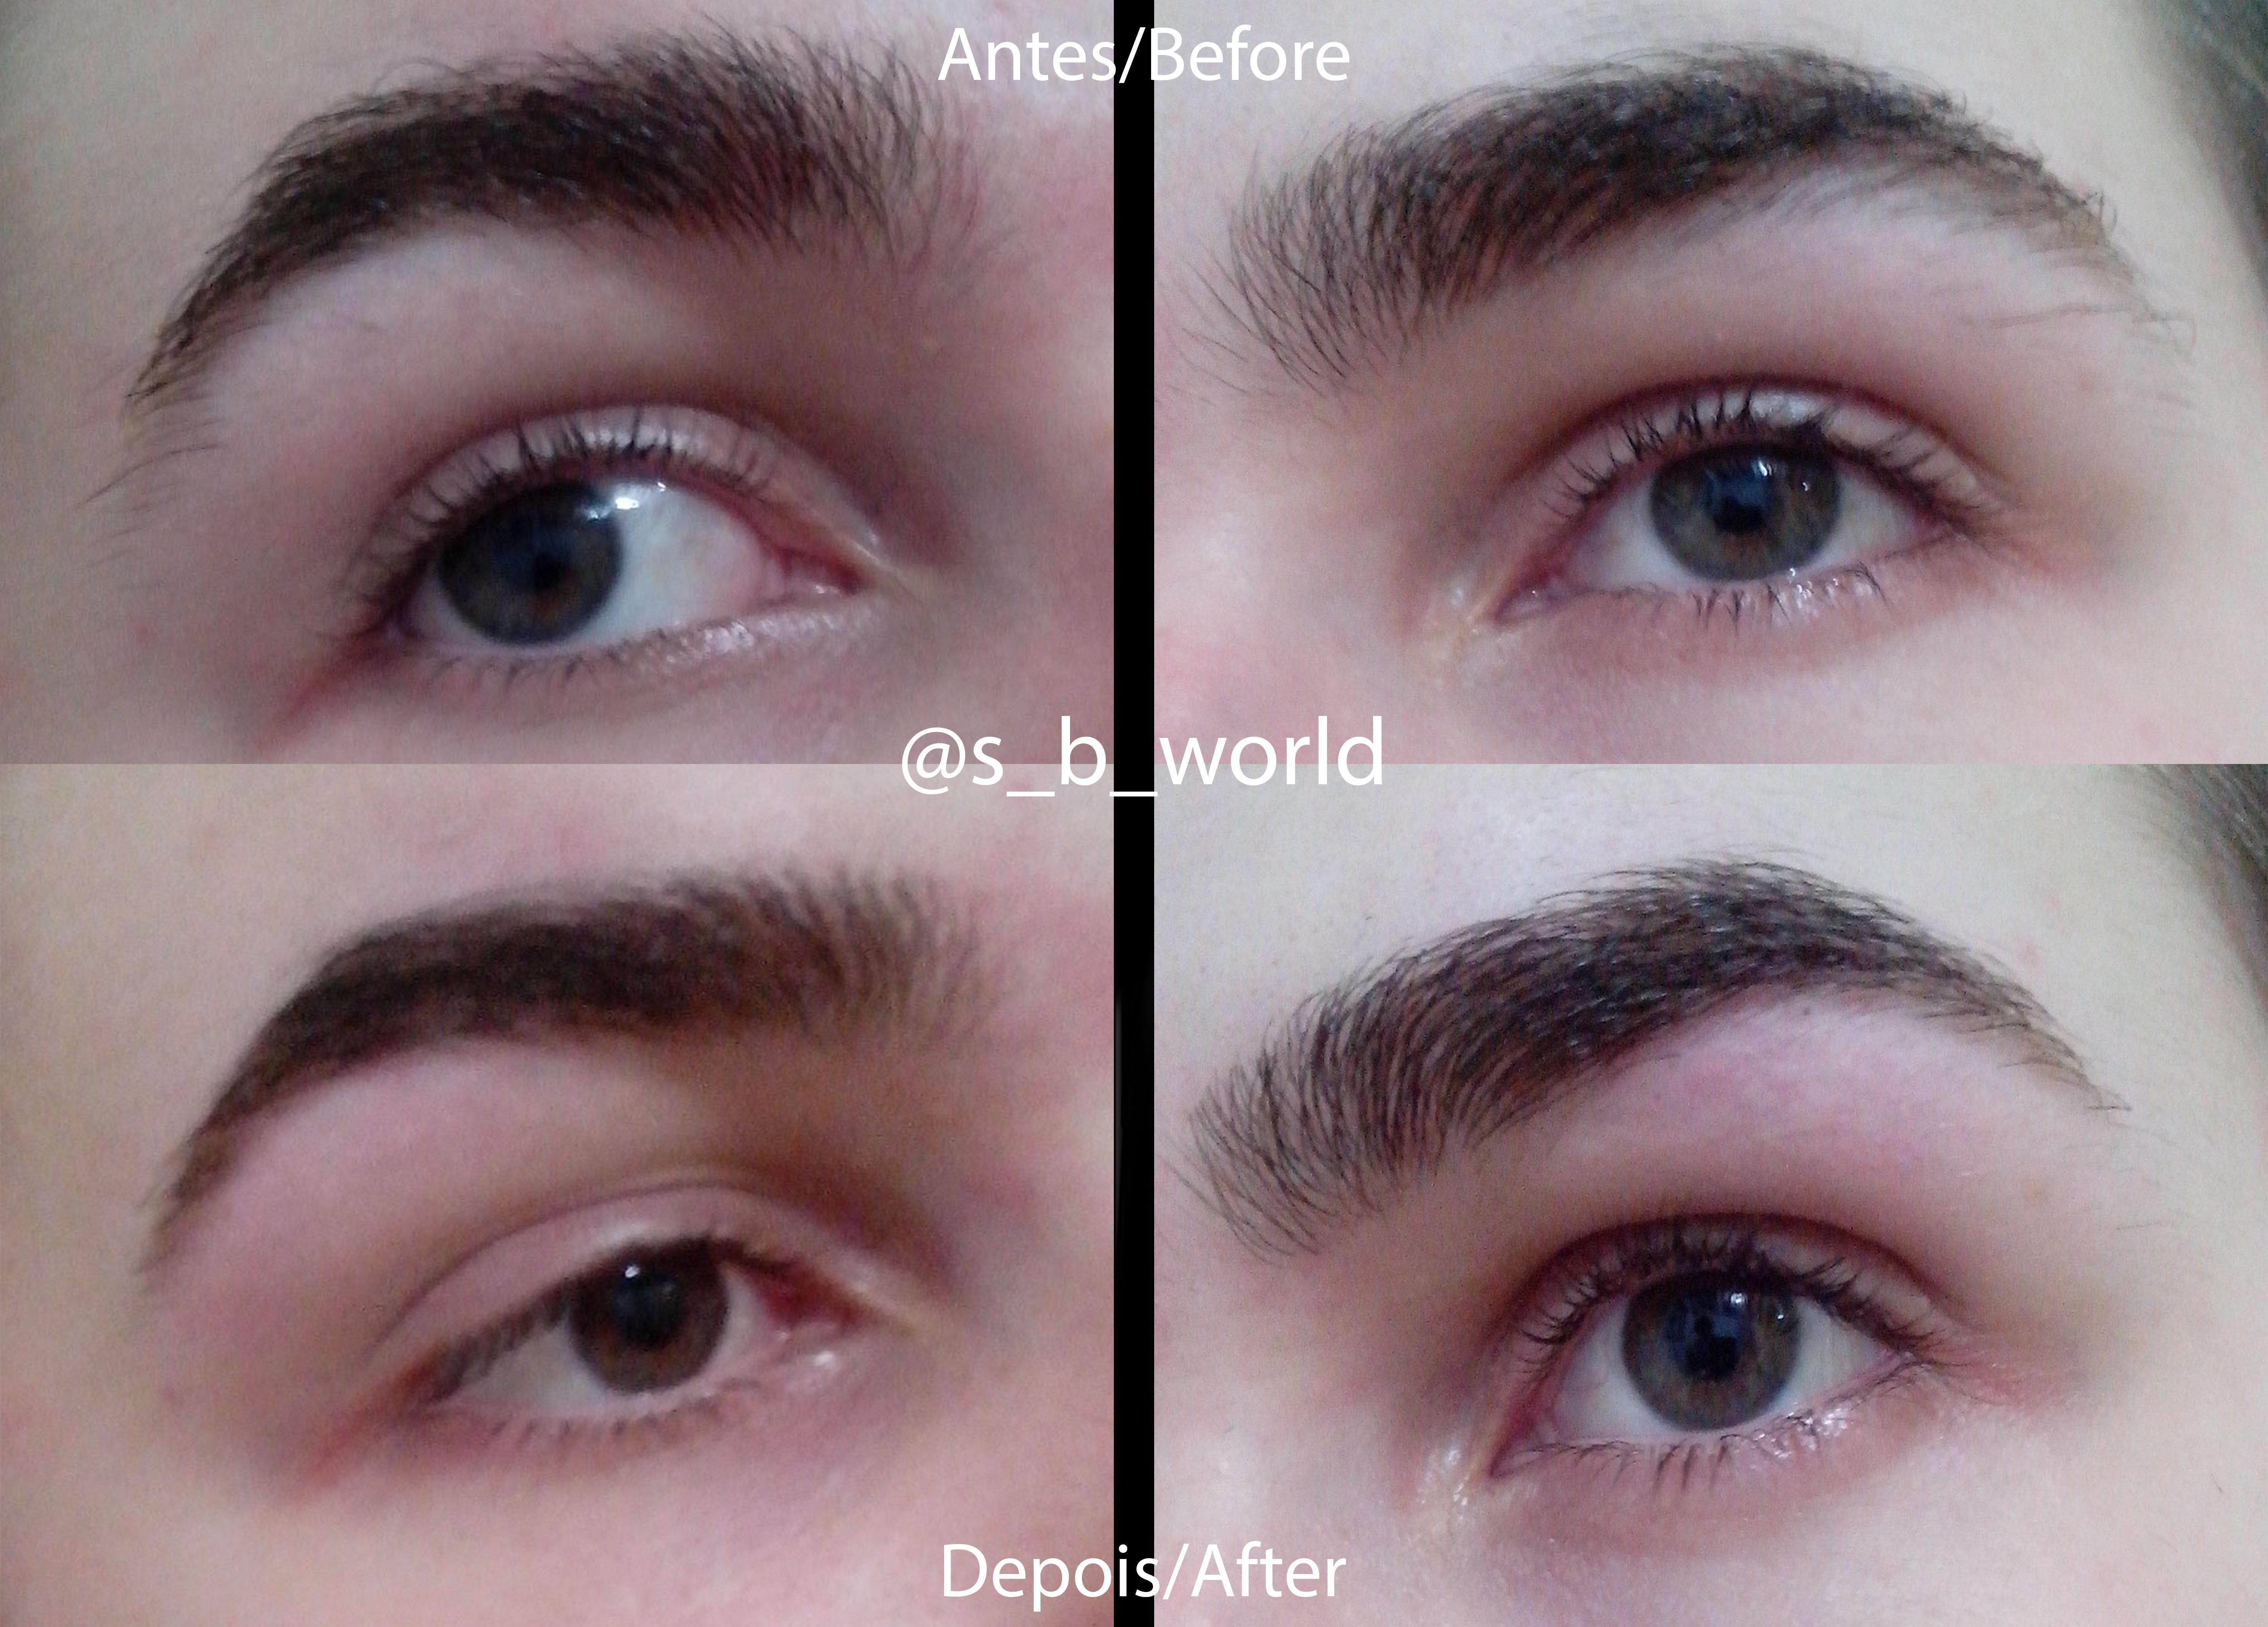 outros cabeleireiro(a) auxiliar cabeleireiro(a) maquiador(a) manicure e pedicure designer de sobrancelhas